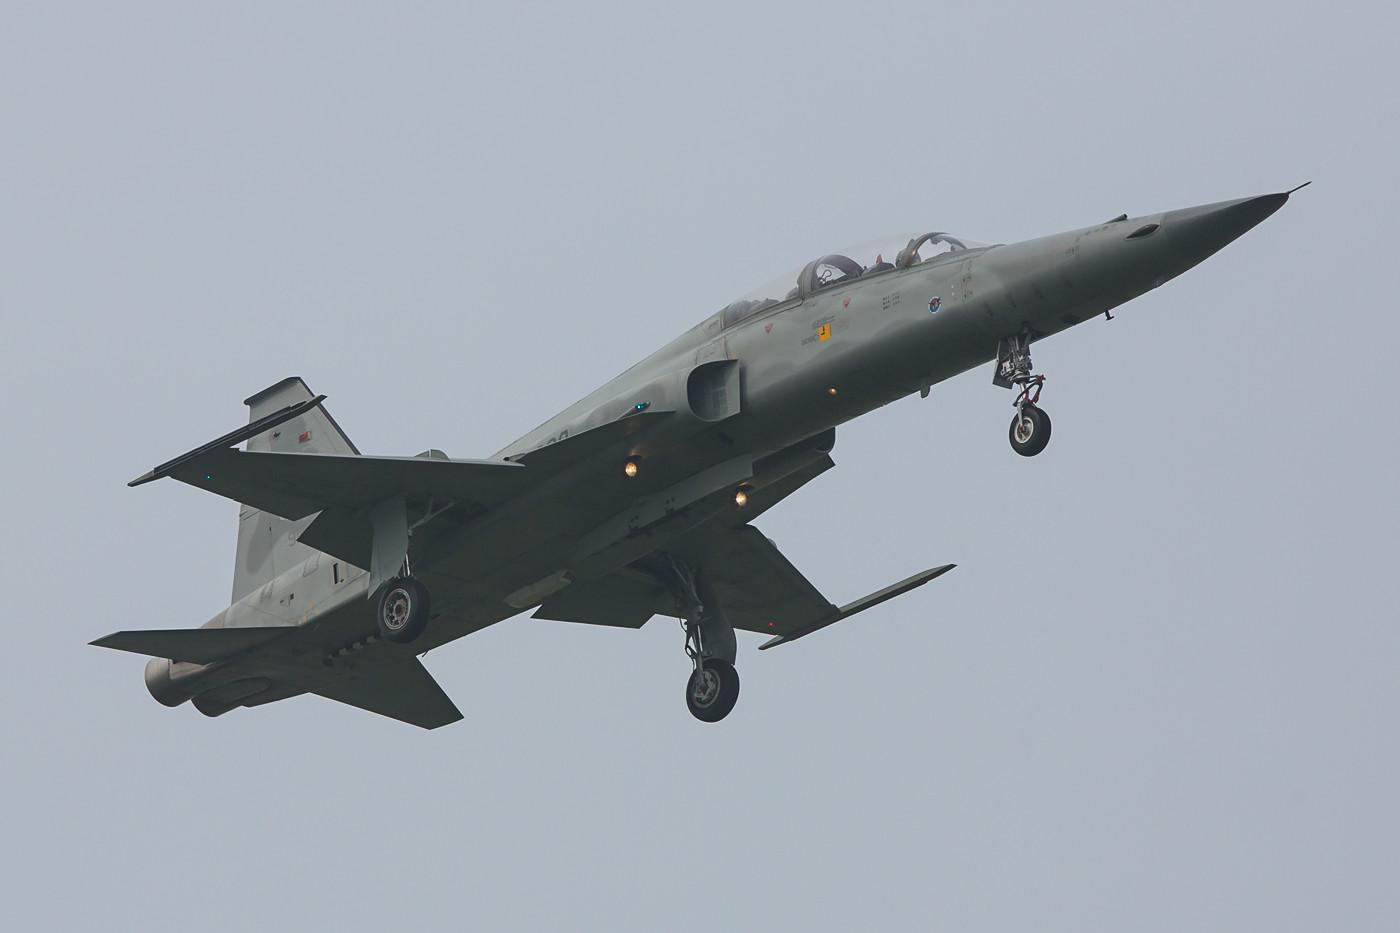 Da es in Tainan zwei Bahnen gibt und die F-5 bei ihren Anflügen ständig wechselten, war es garnicht so einfach ein paar gute Bilder zu schießen.